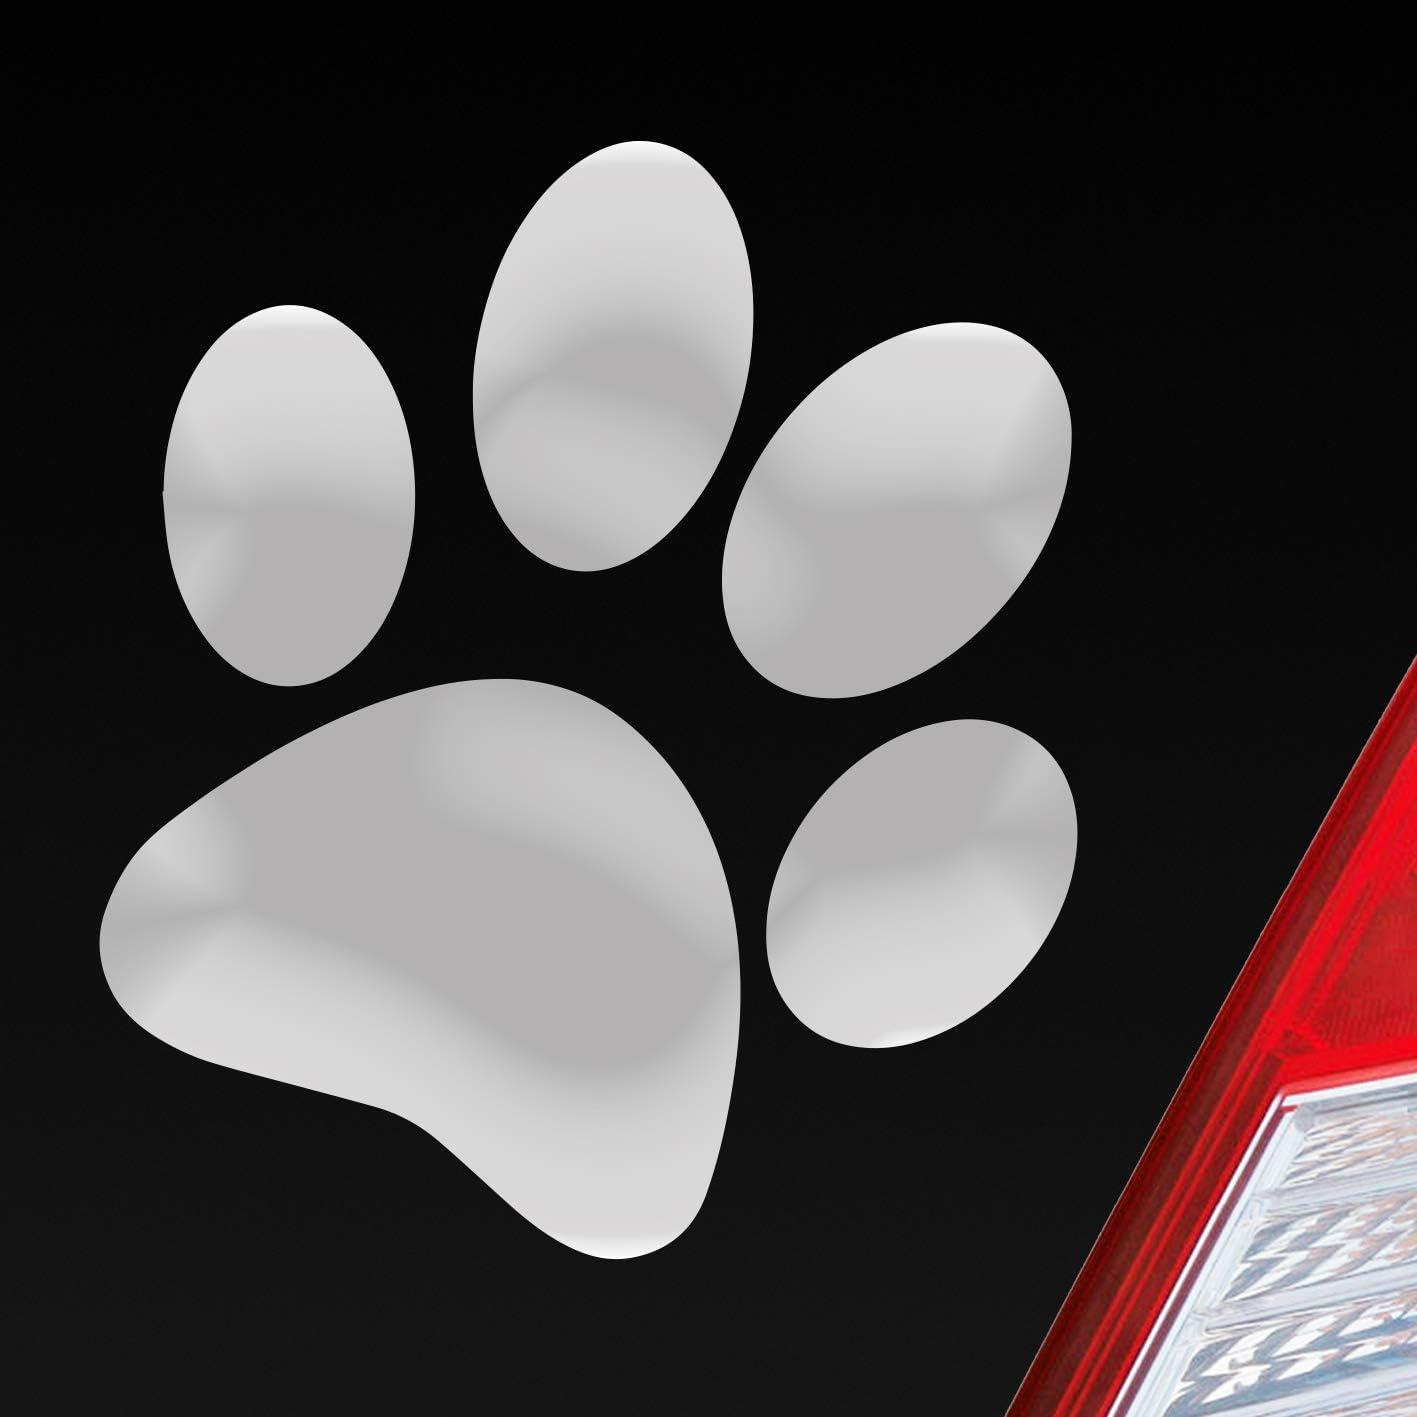 Auto Aufkleber In Deiner Wunschfarbe Hundepfote Pfote Hund Fote Tatze 10x11 Cm Autoaufkleber Sticker Folie Auto